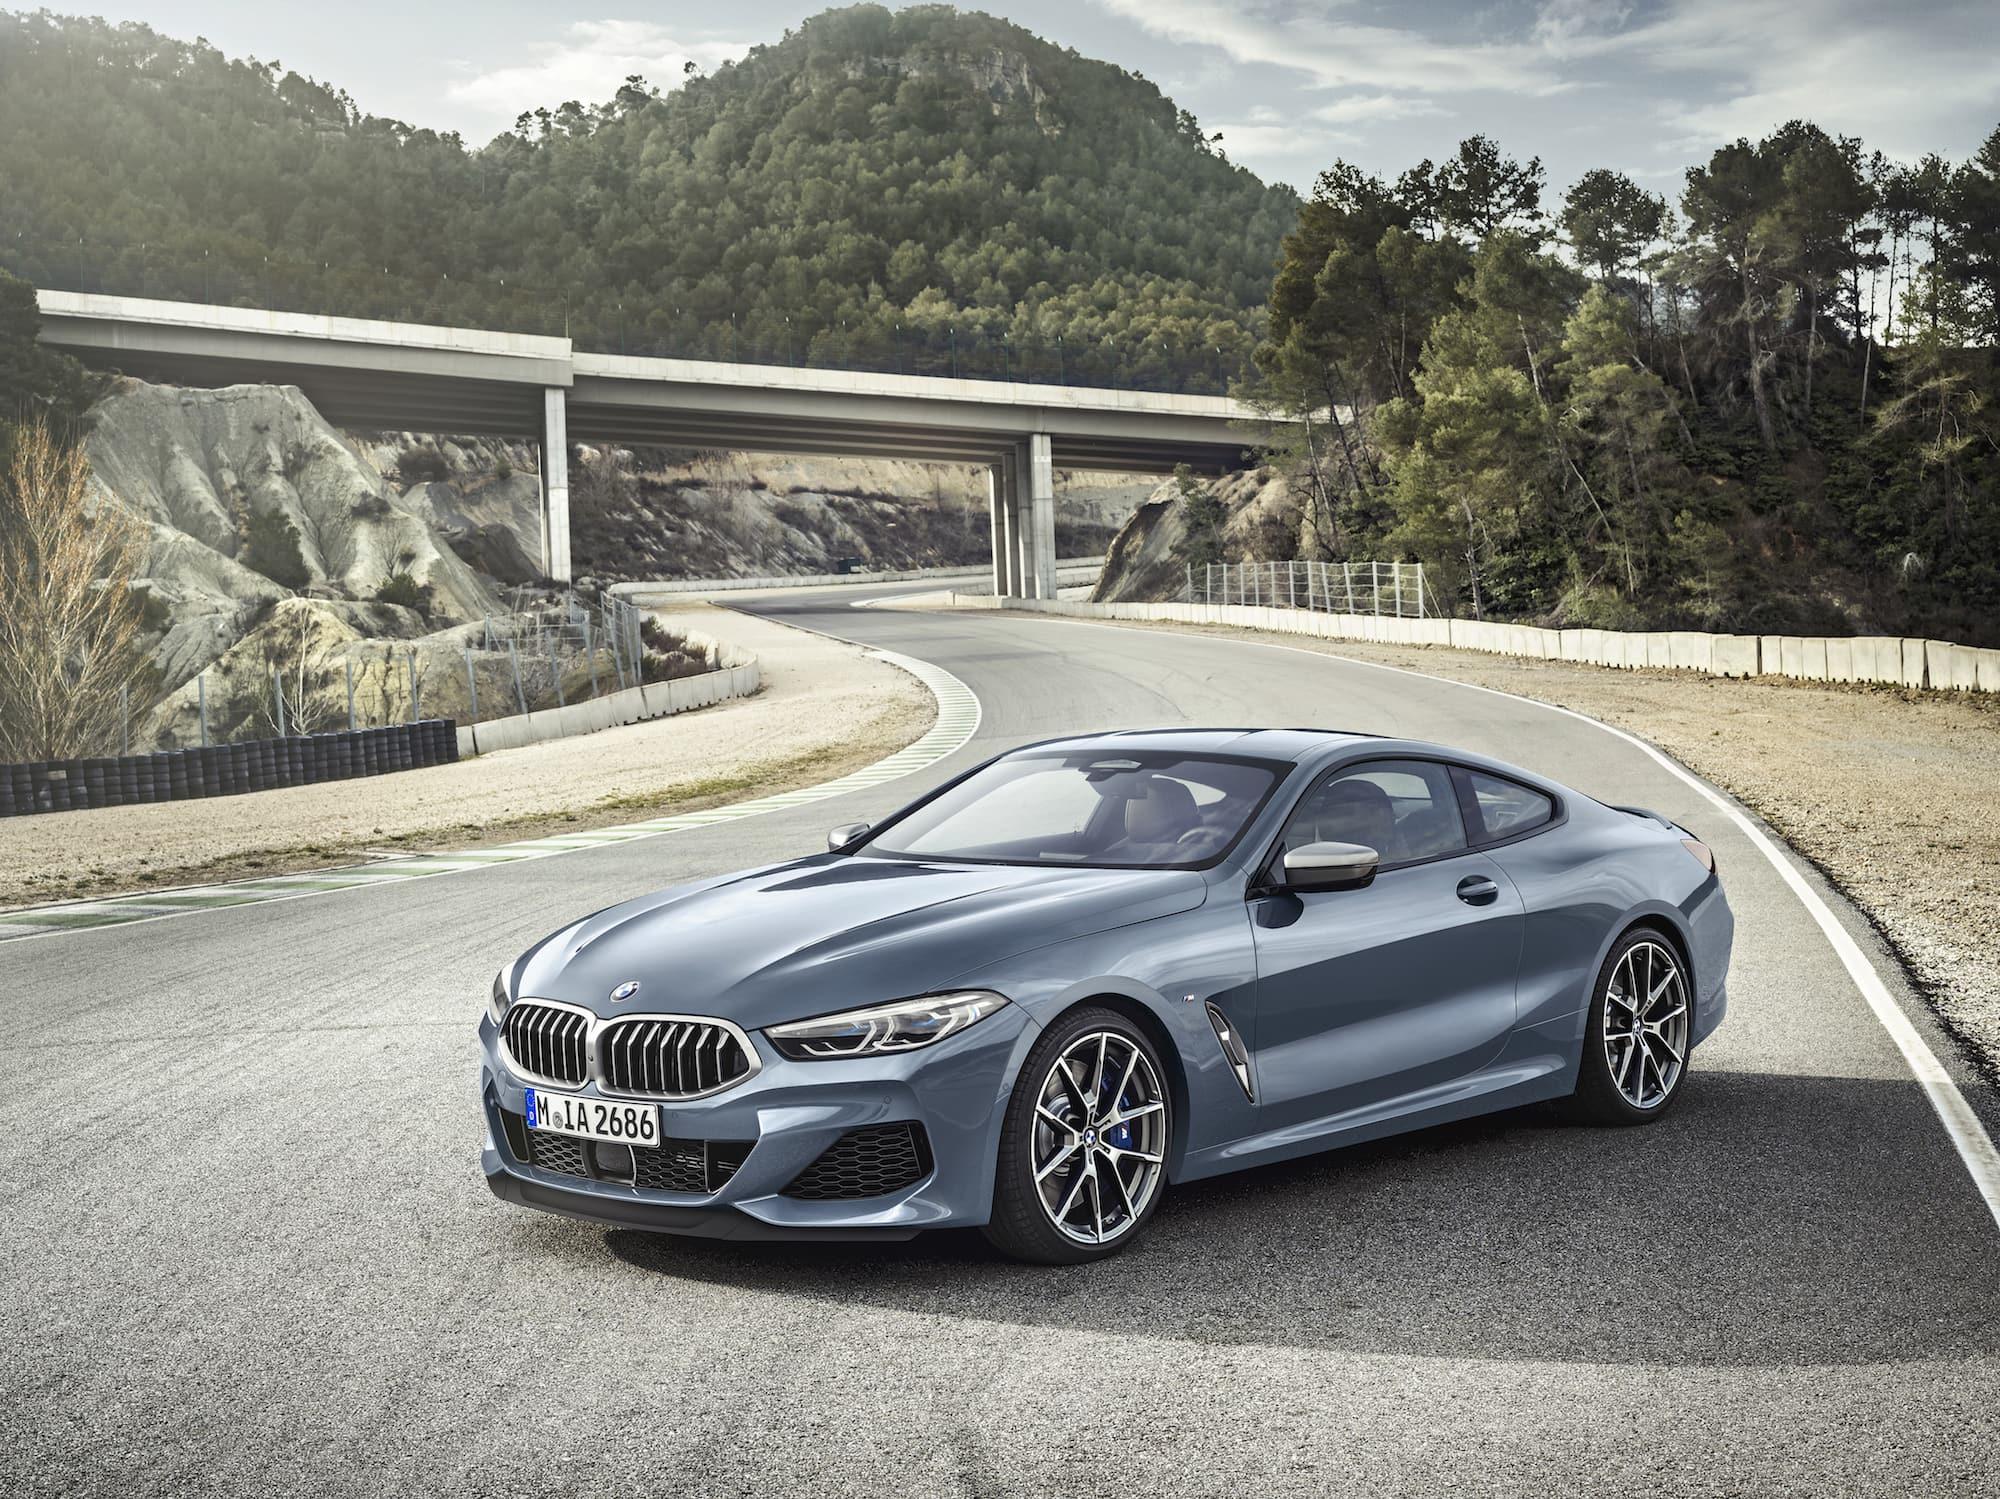 BMW belebt 8er Serie wieder: Das ist der neue BMW M850i xDrive 1